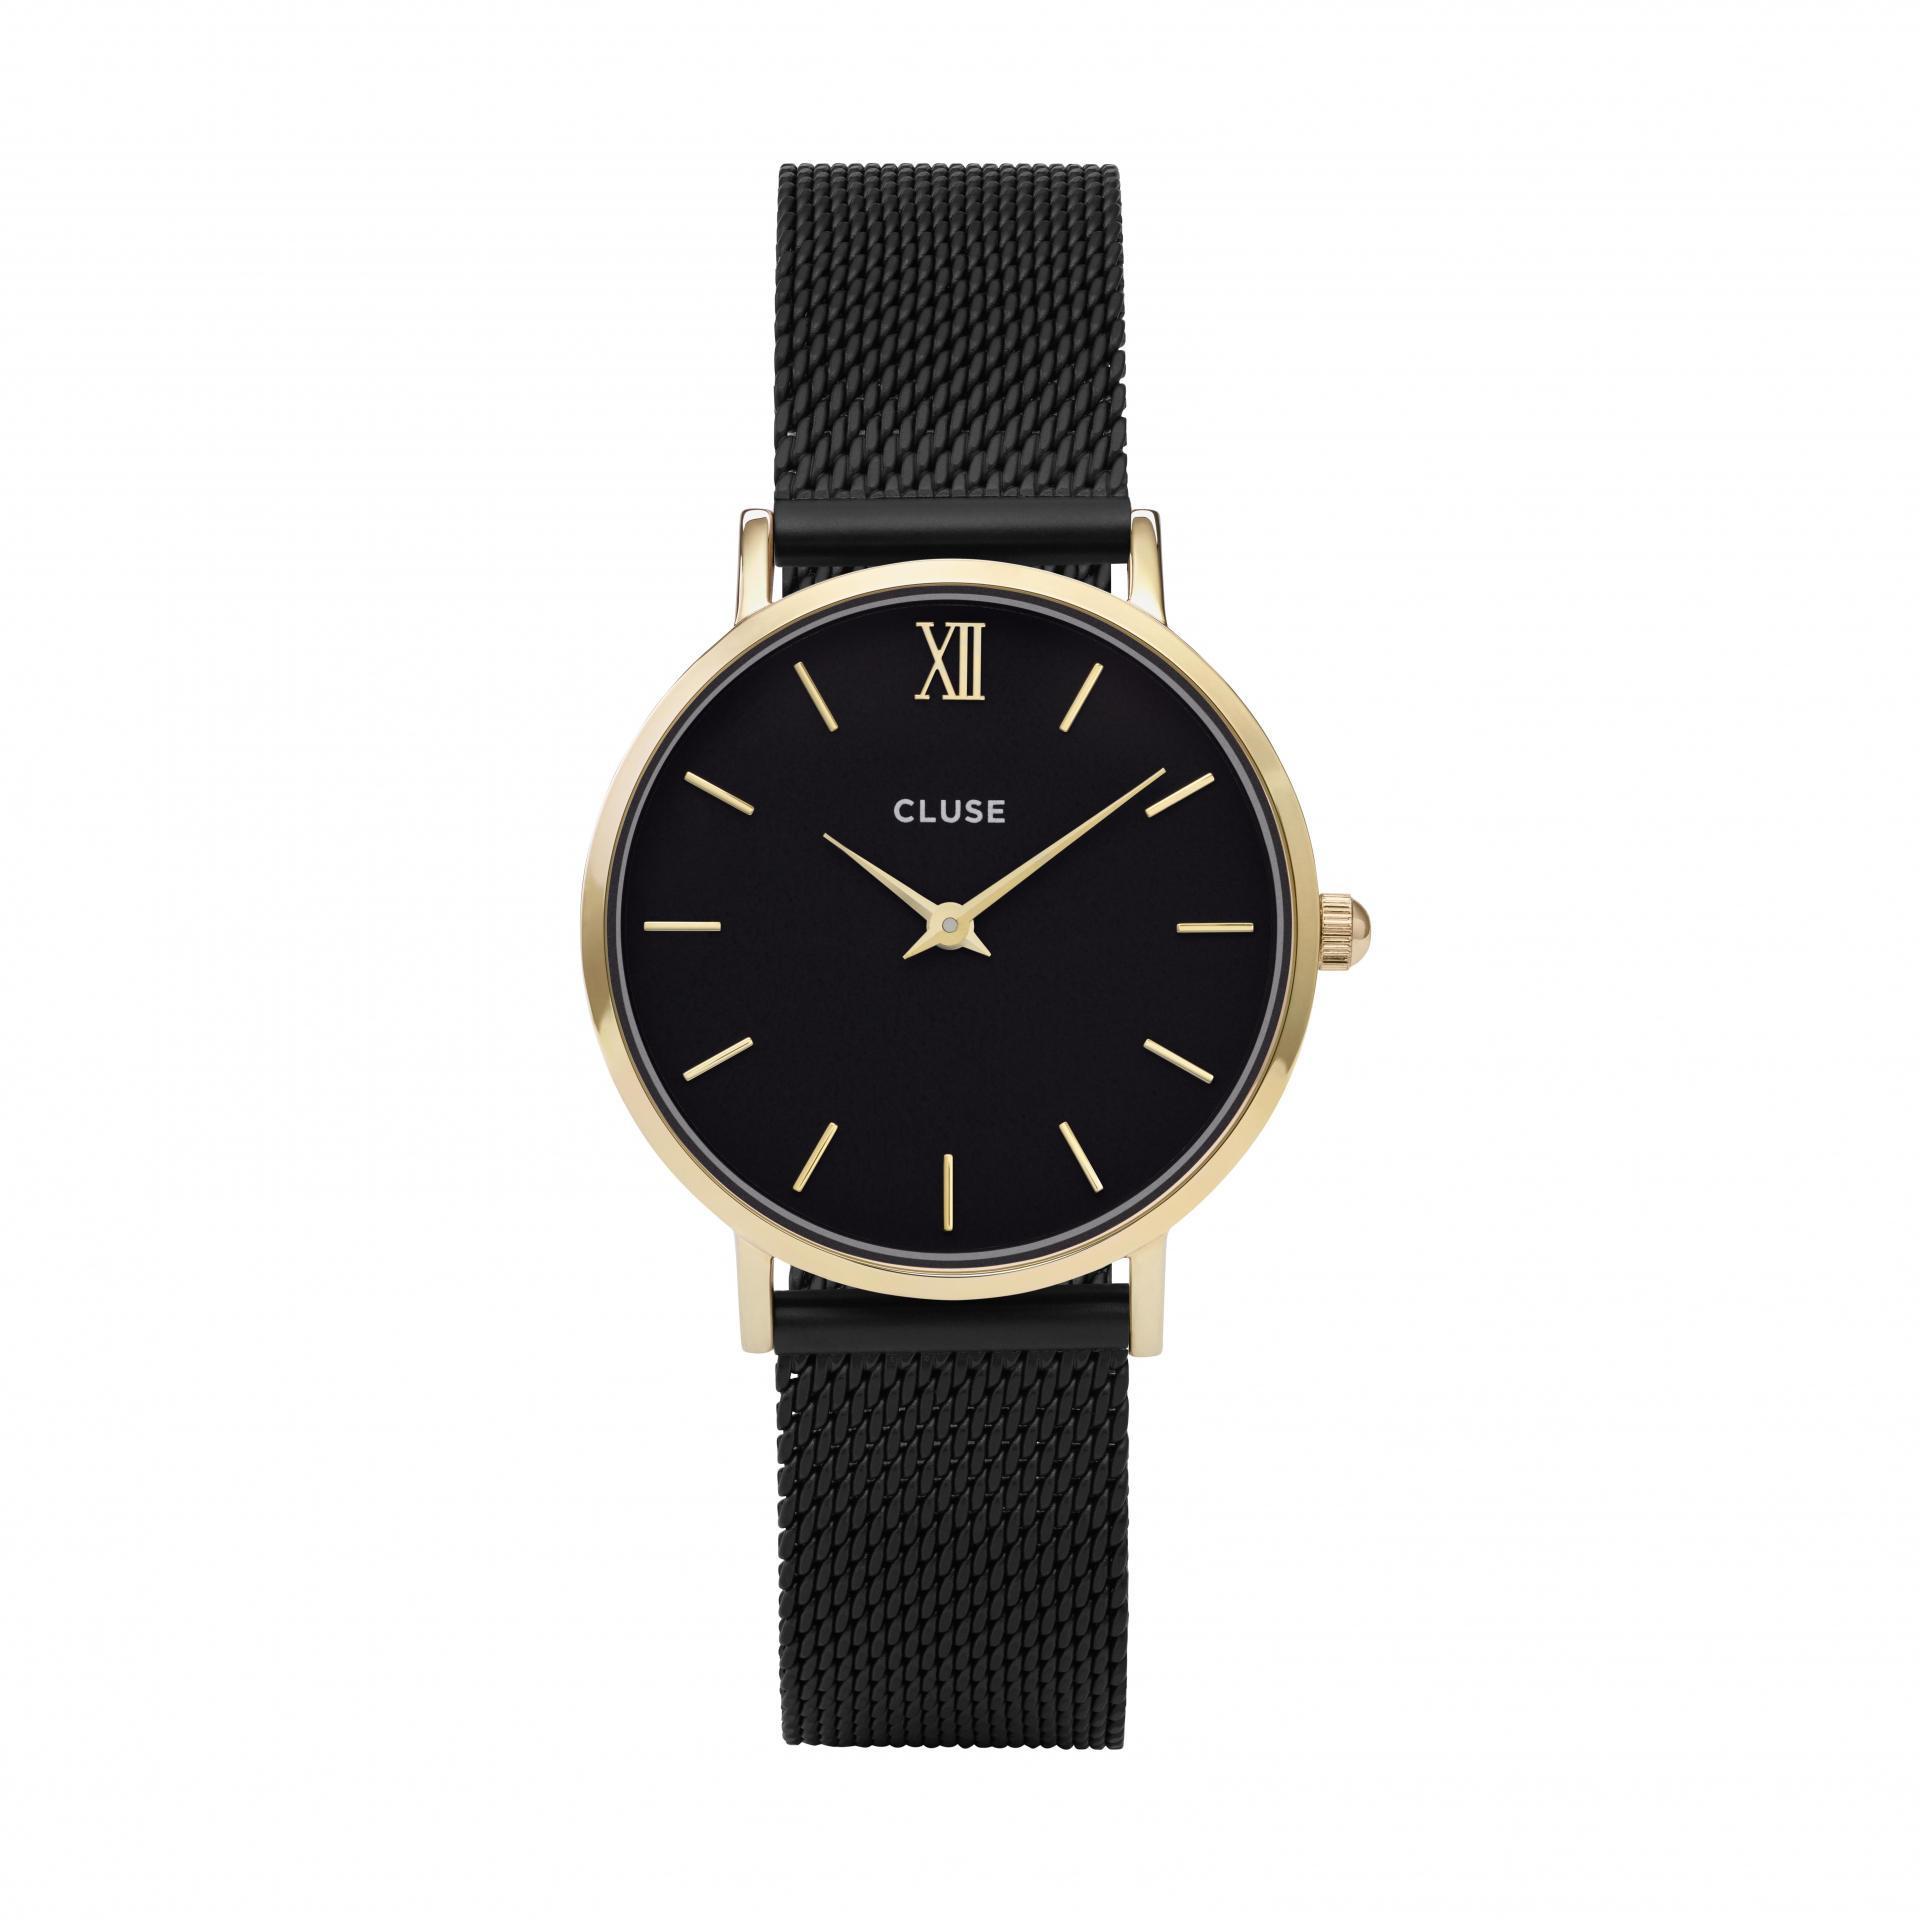 CLUSE Hodinky Cluse Minuit Mesh Gold black/black, černá barva, kov